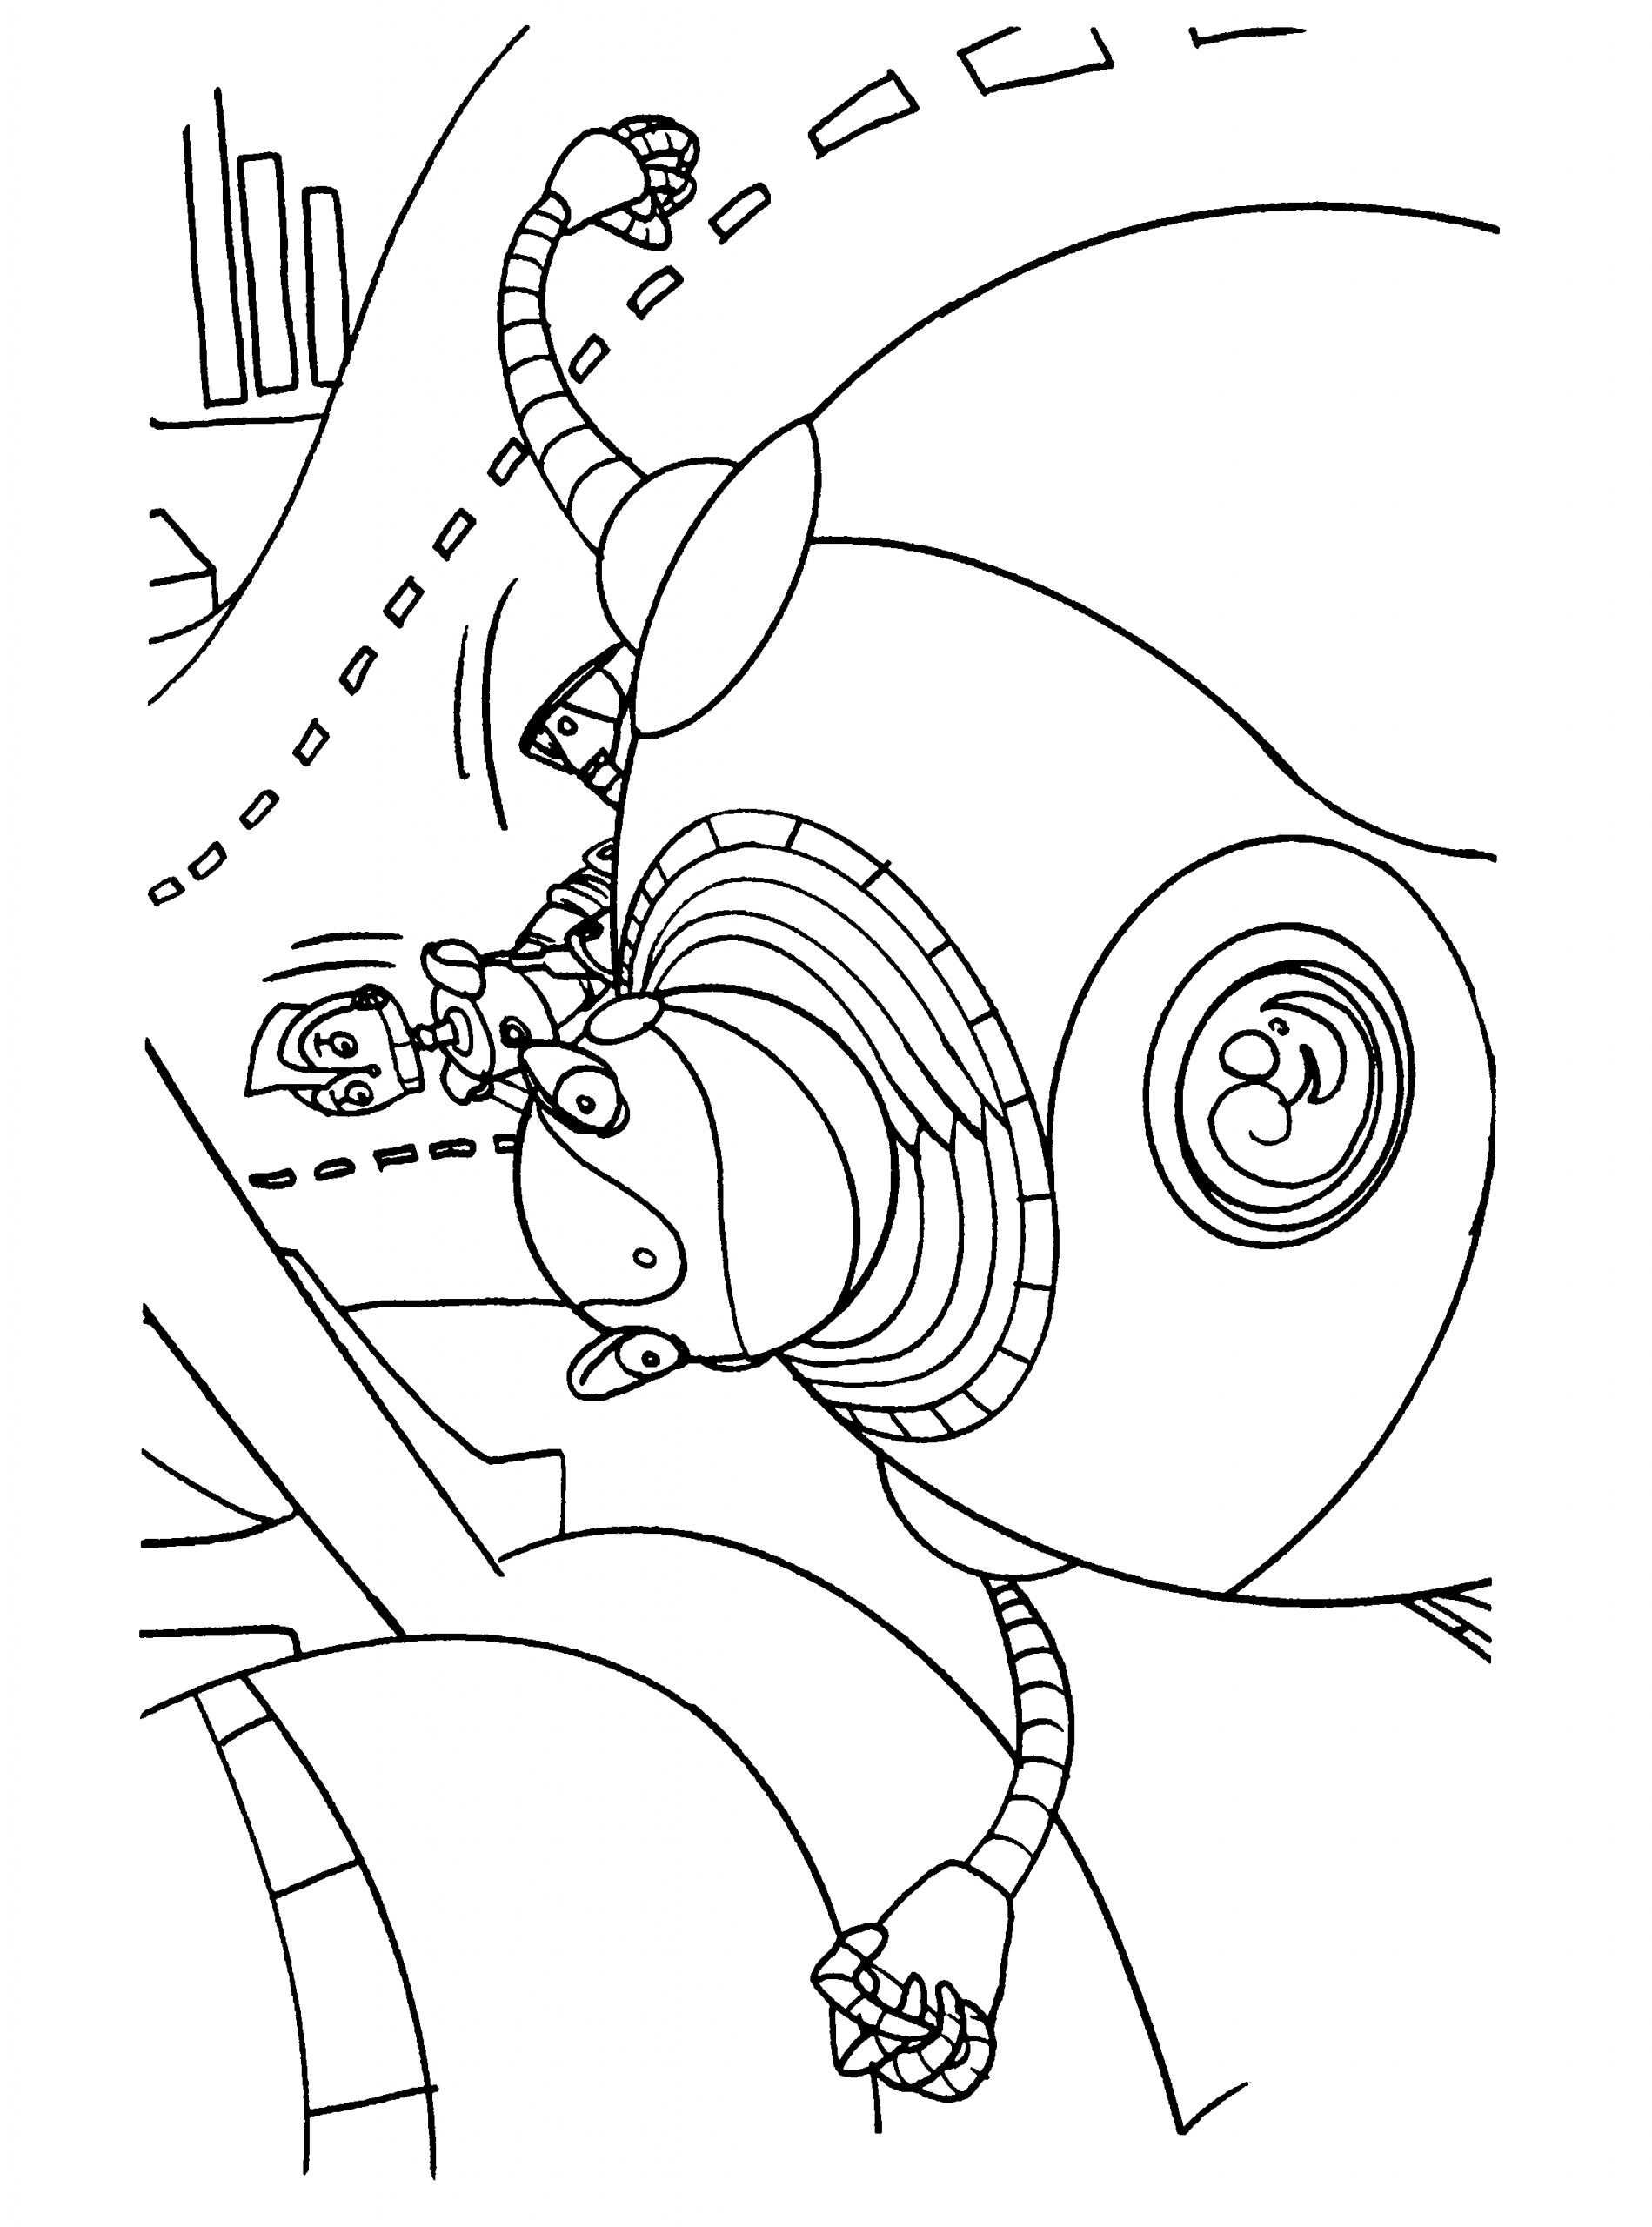 Coloriage Robots À Imprimer Sur Coloriages encequiconcerne Coloriage Robot À Imprimer